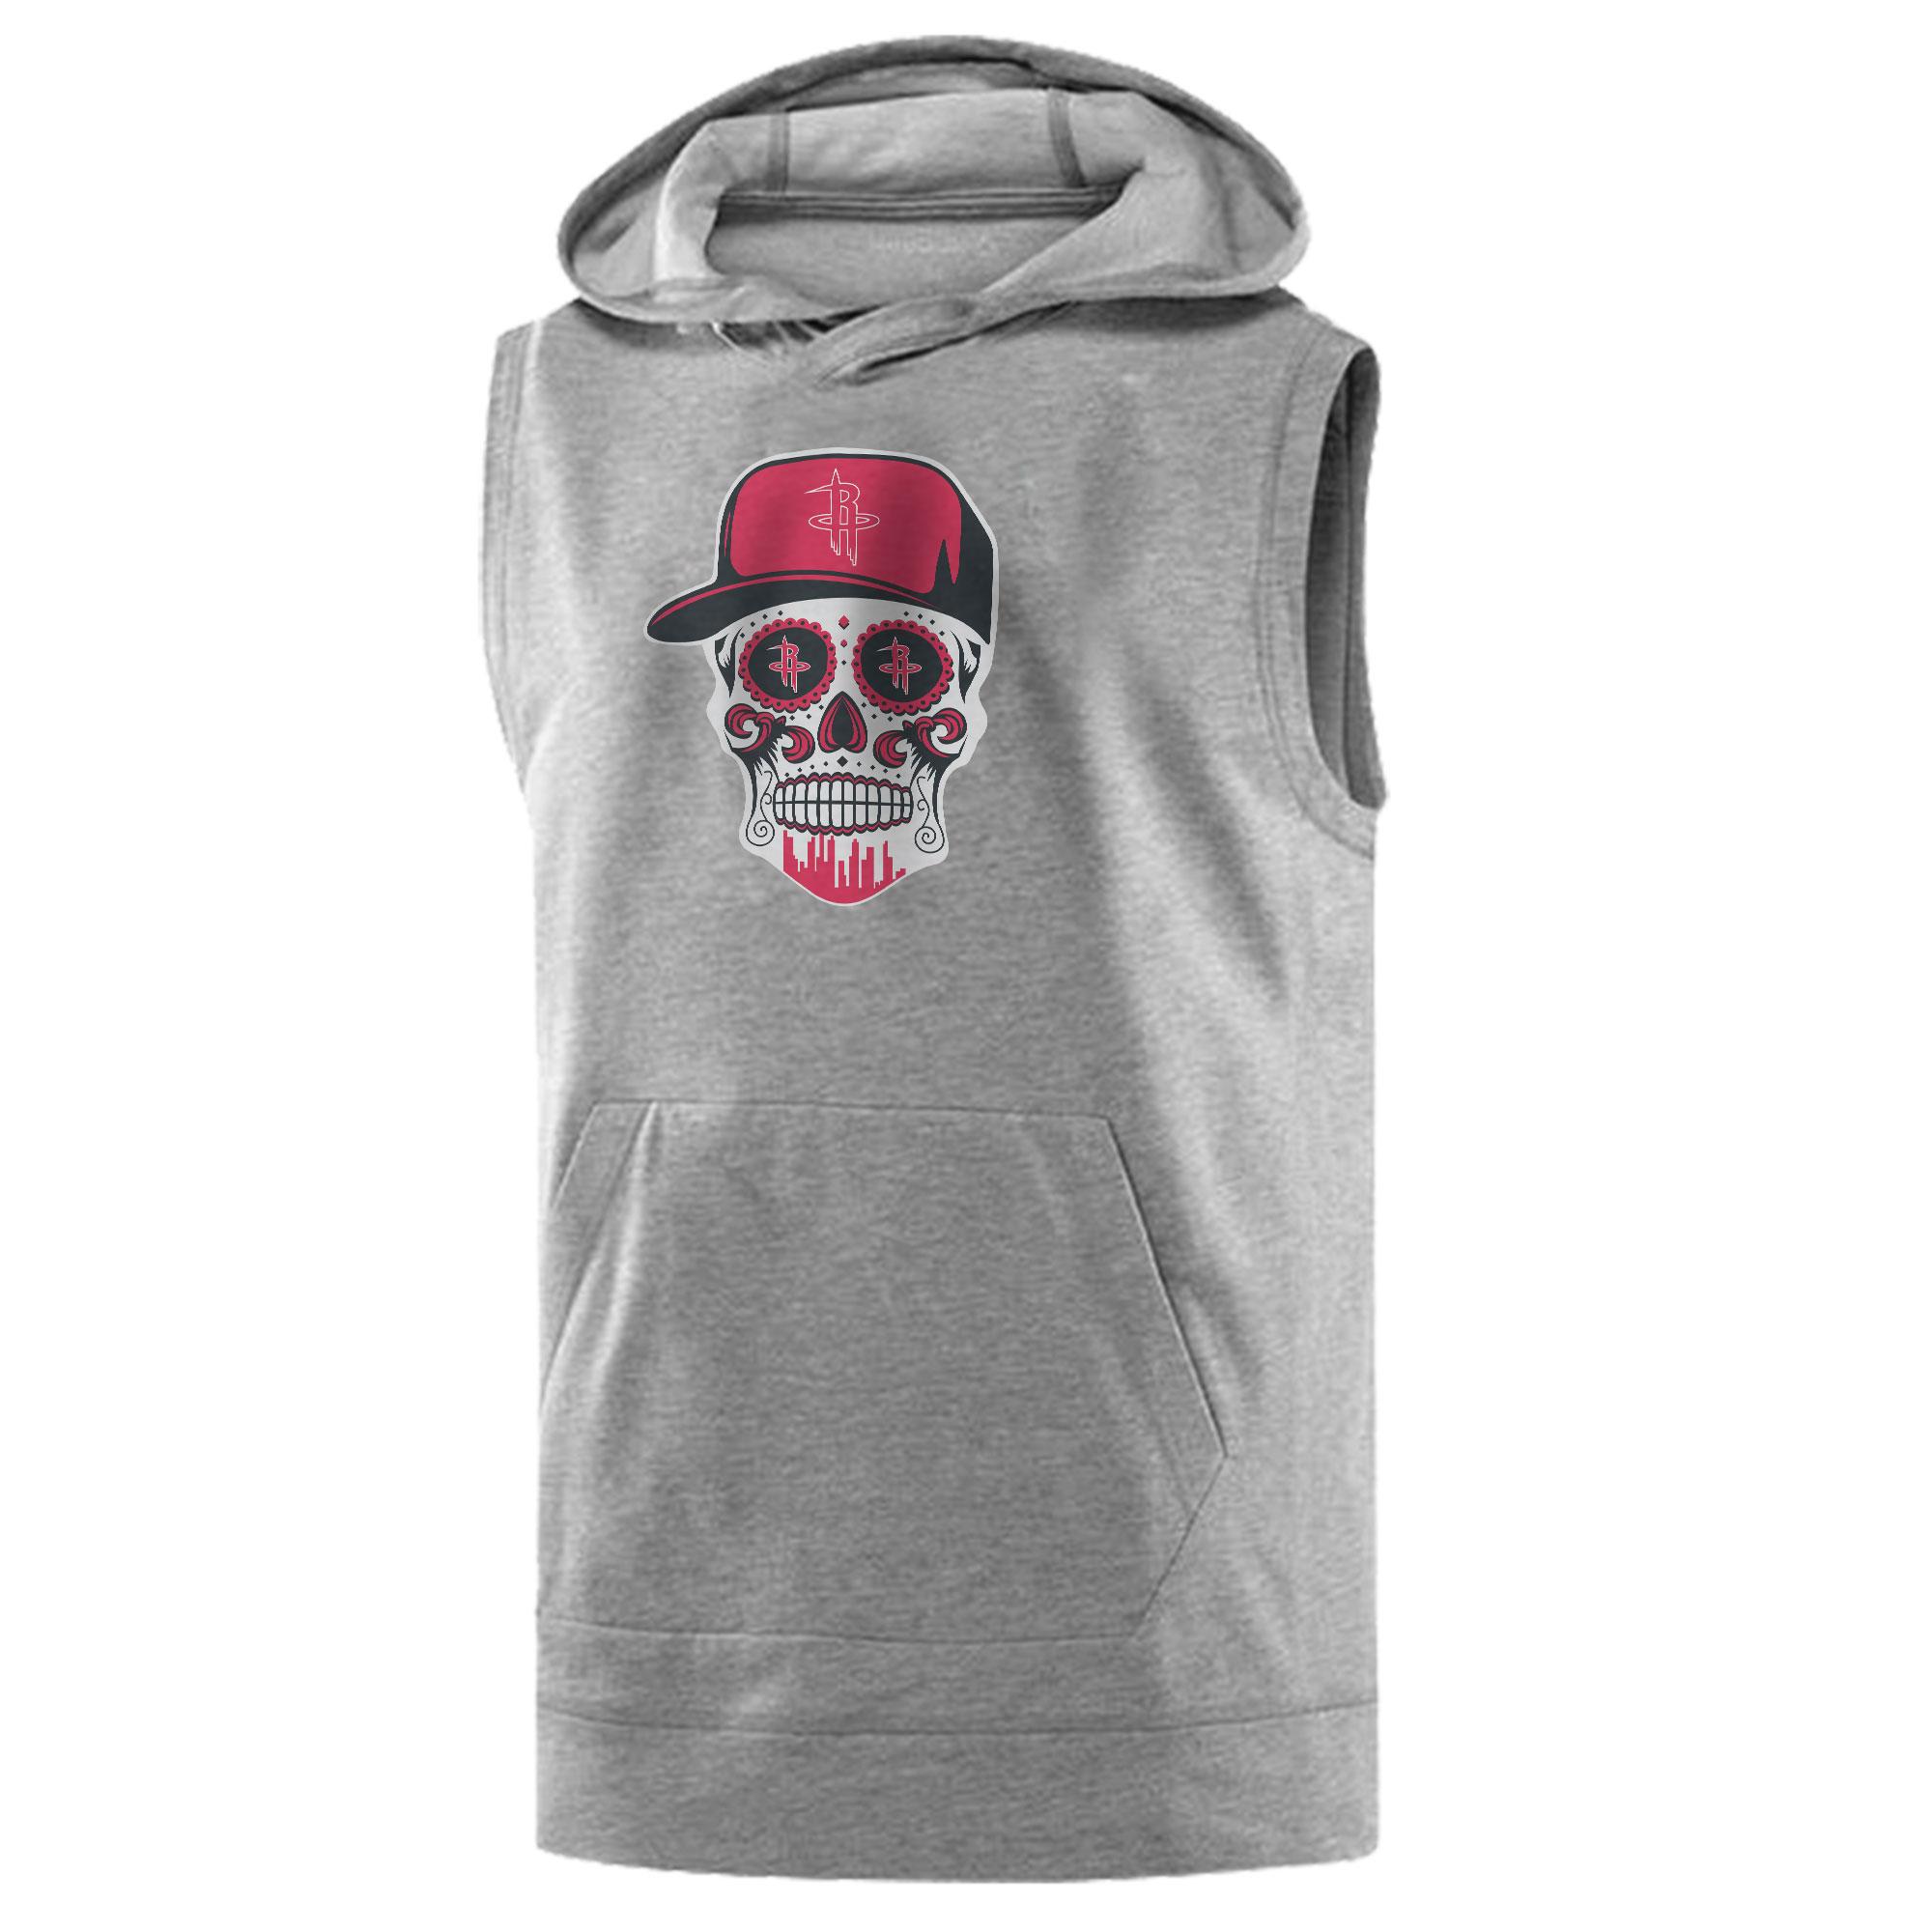 Rockets Skull Sleeveless (KLS-GRY-NP-453-NBA-HOU-SKULL)